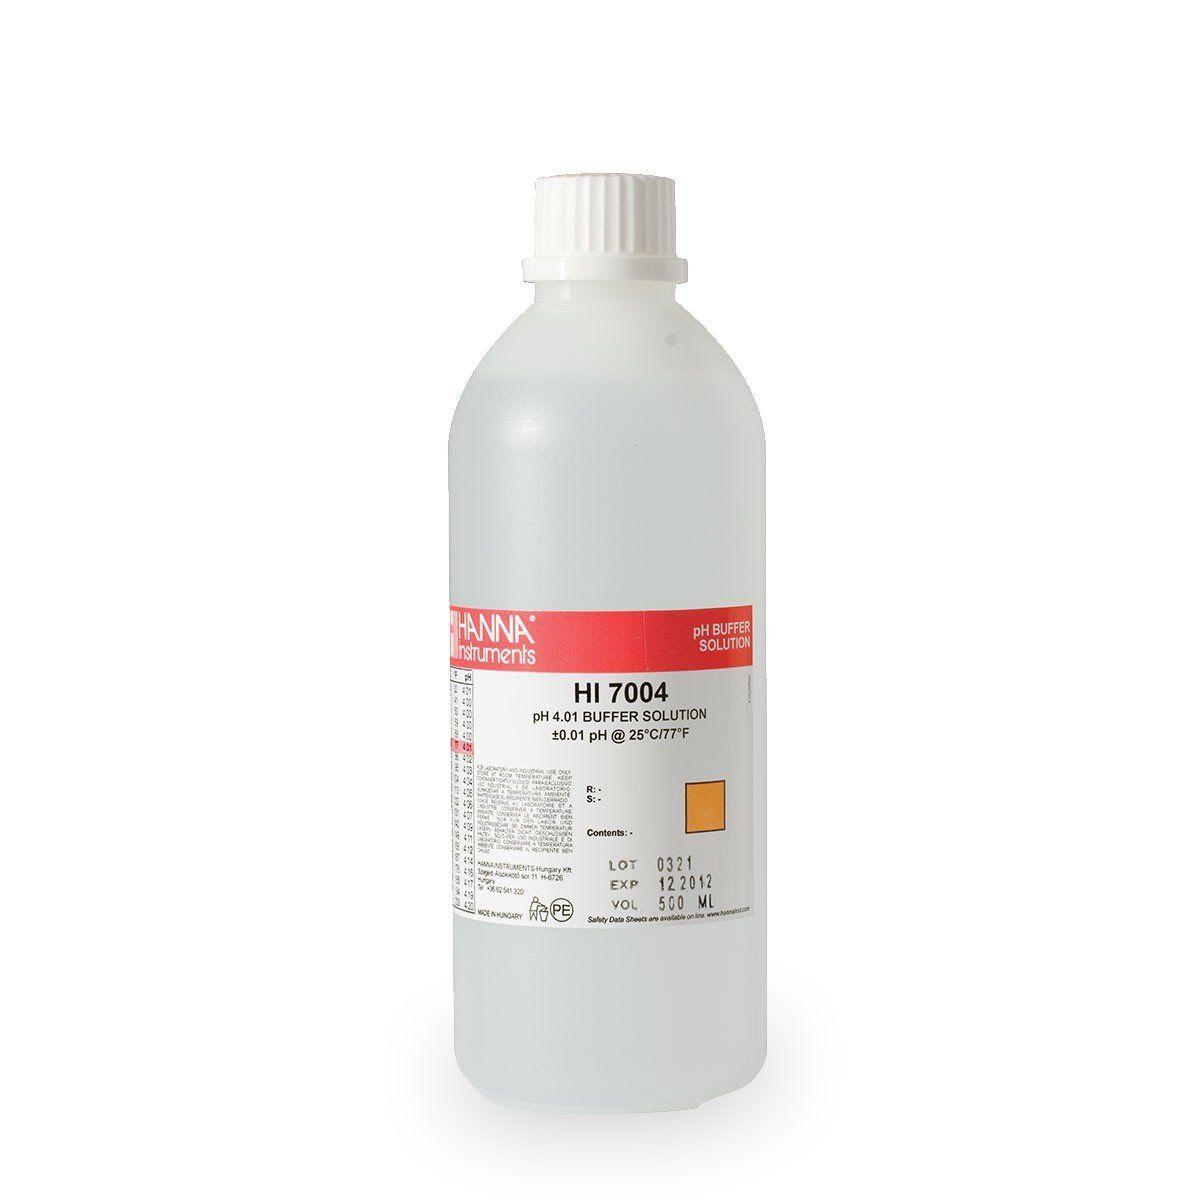 Solução de Calibração pH 4.01 - Frasco de 500 ml Hanna